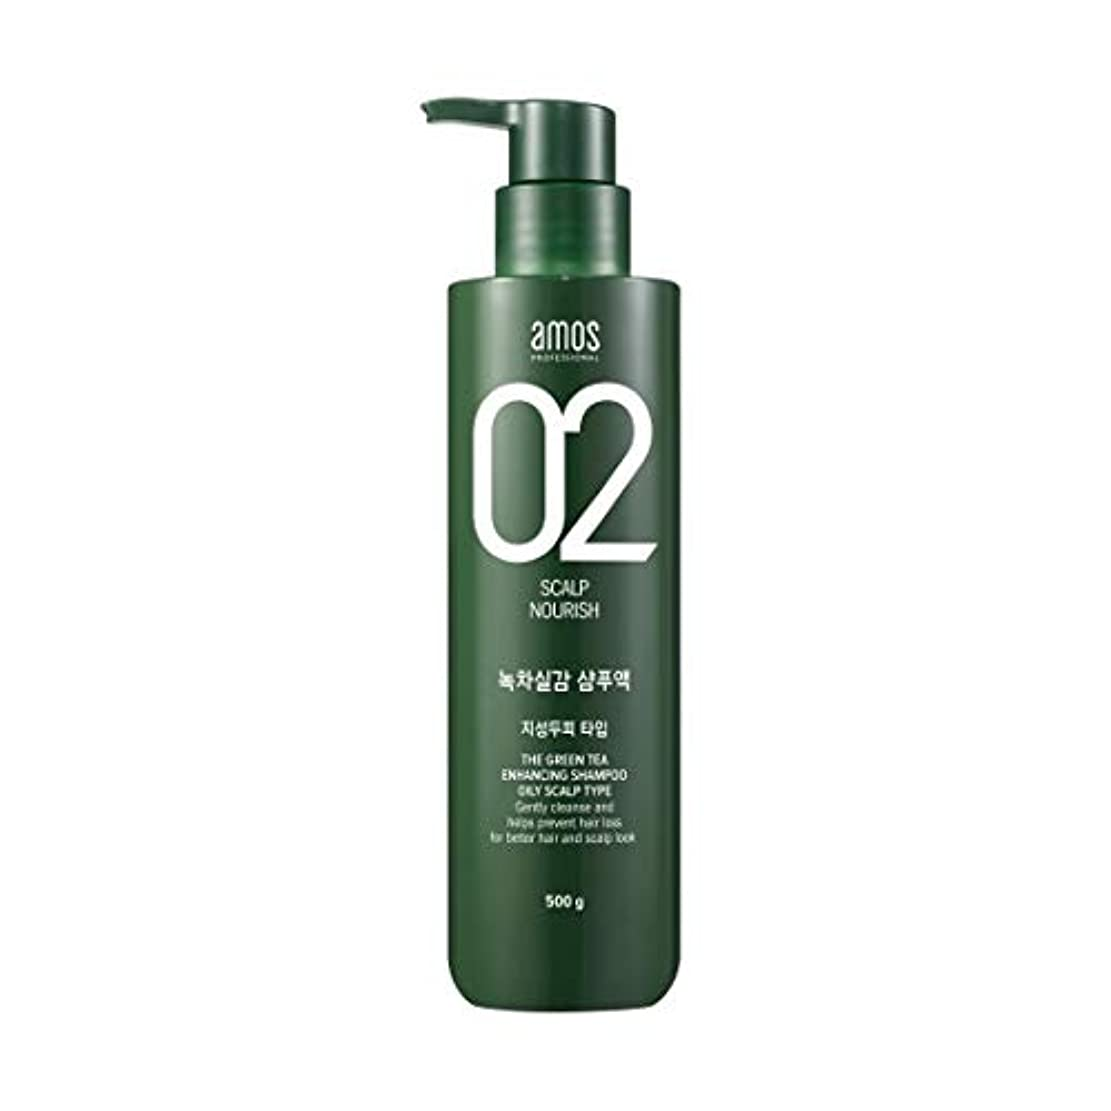 困惑伝説神聖Amos Green Tea Enhancing Shampoo -Oily 500g / アモス ザ グリーンティー エンハンシング シャンプー # 脂性 オイリー スカルプタイプ [並行輸入品]